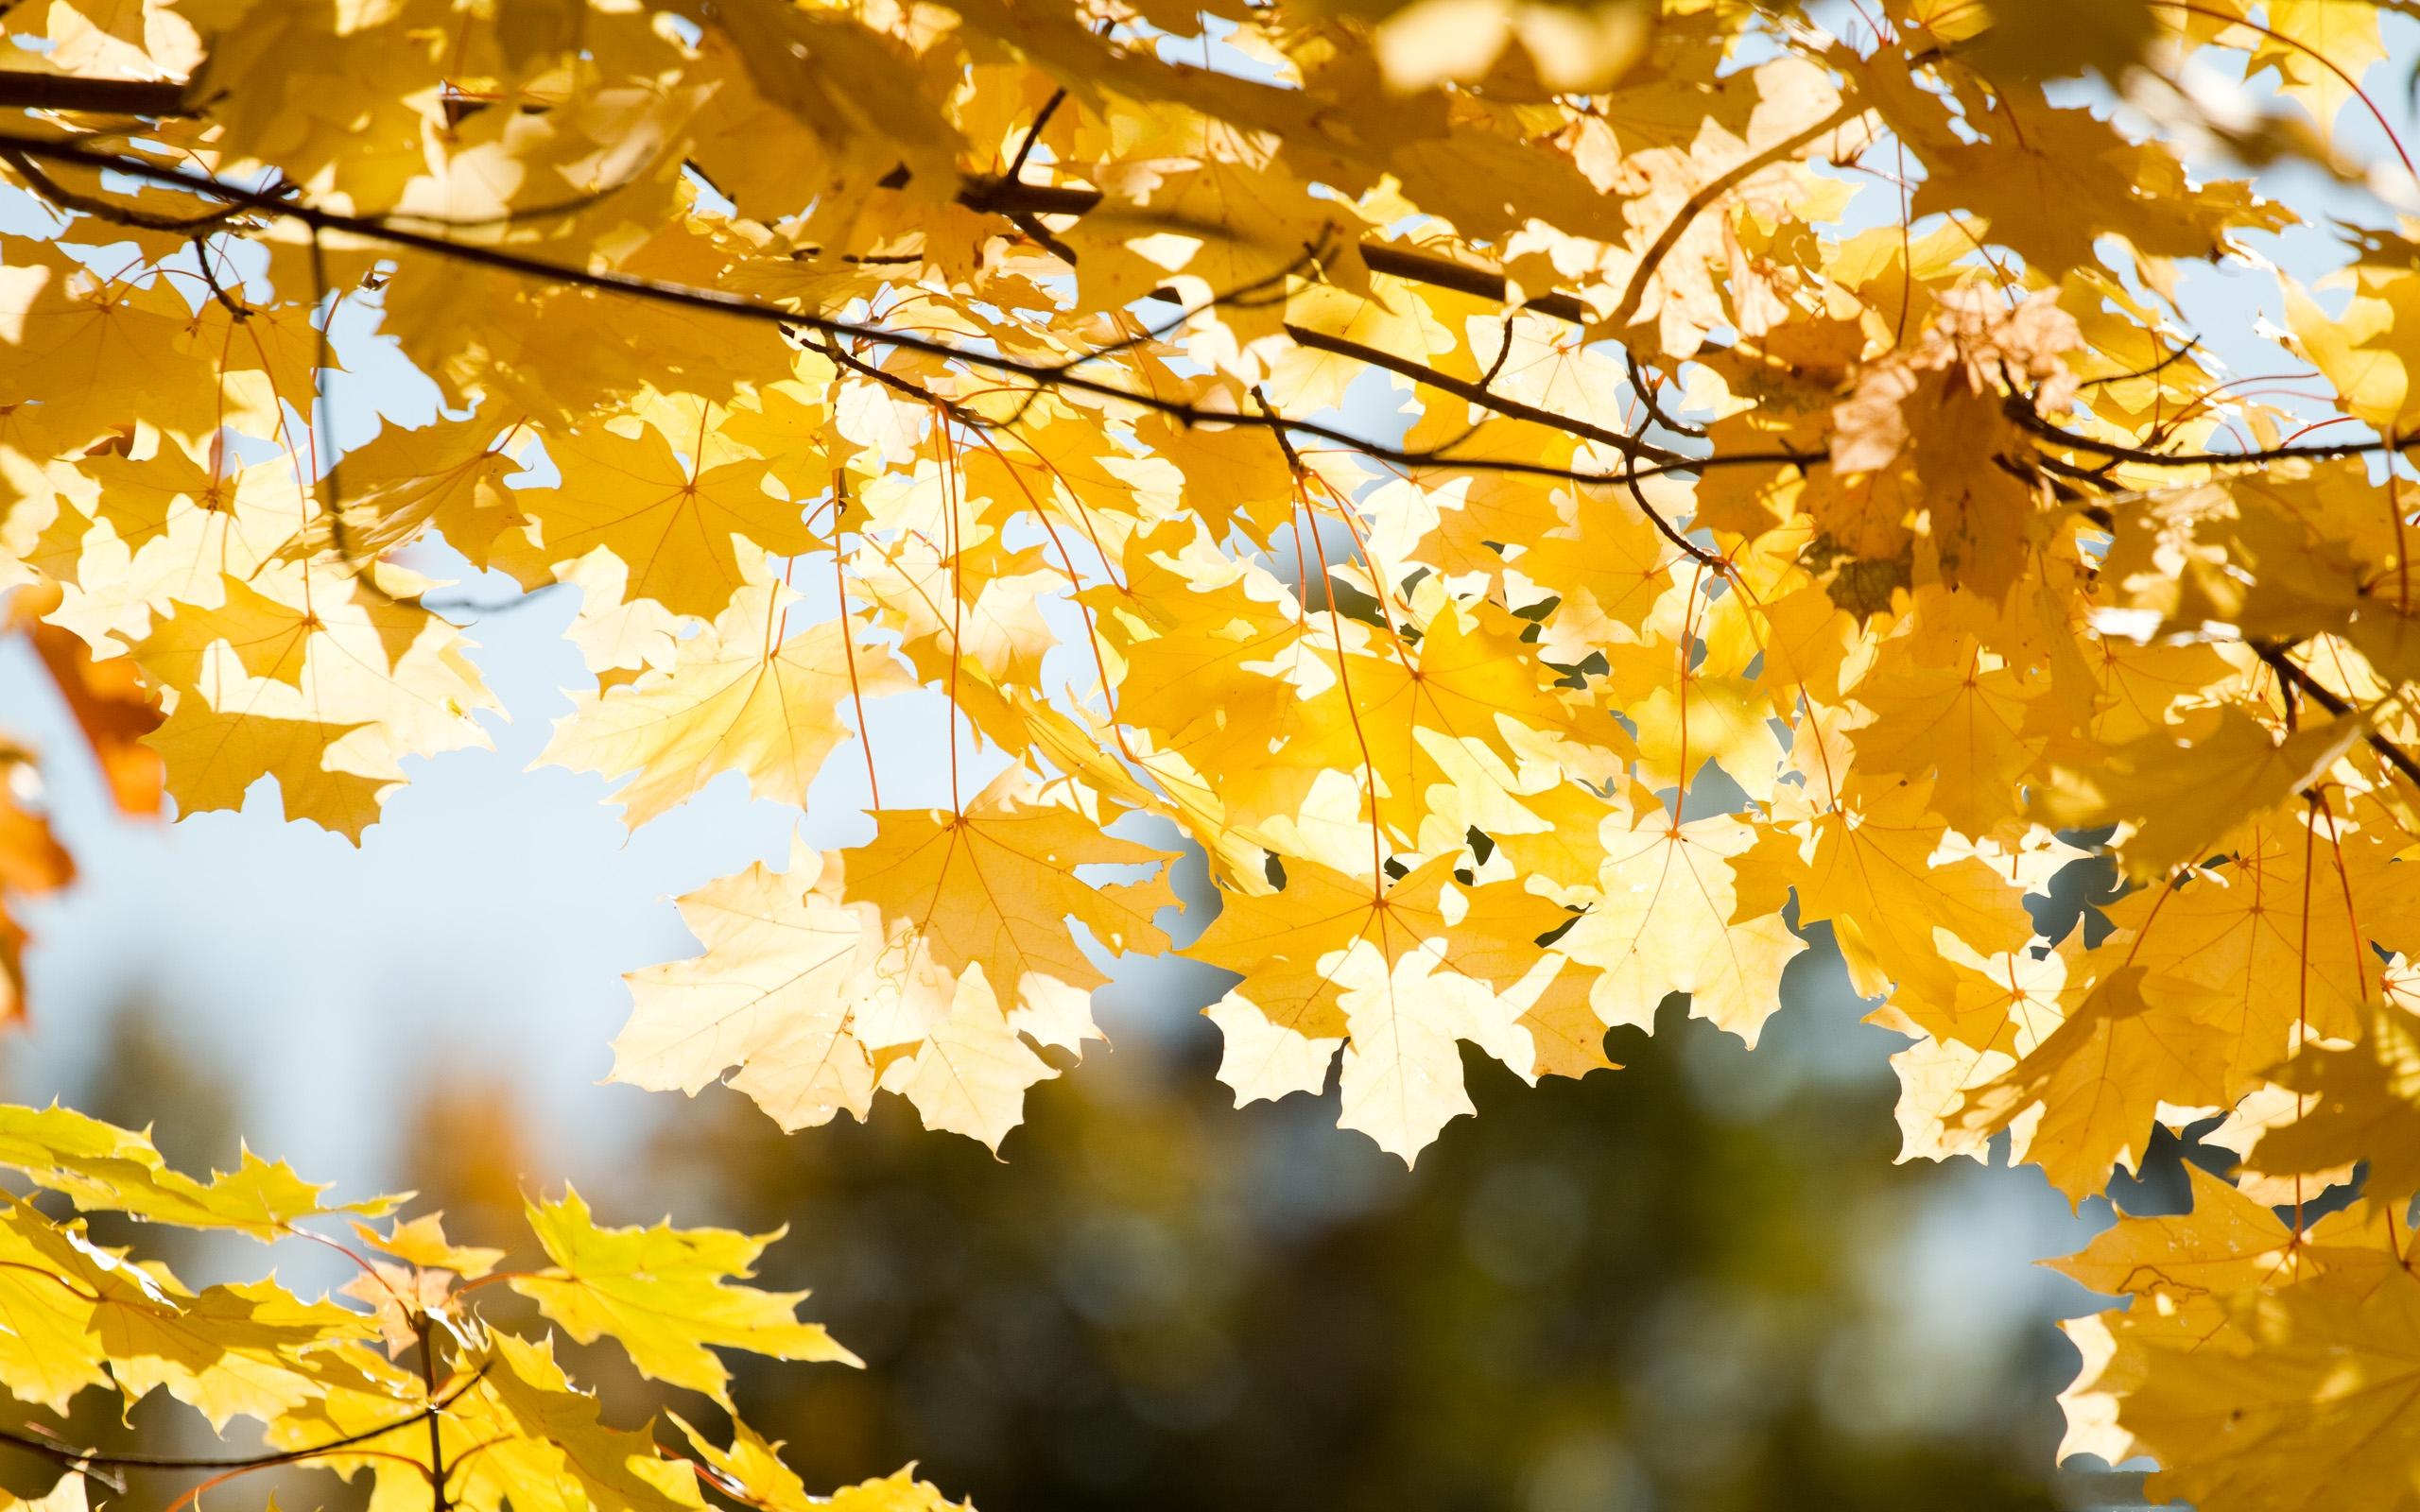 деревья листва осень солнце  № 3191743 загрузить